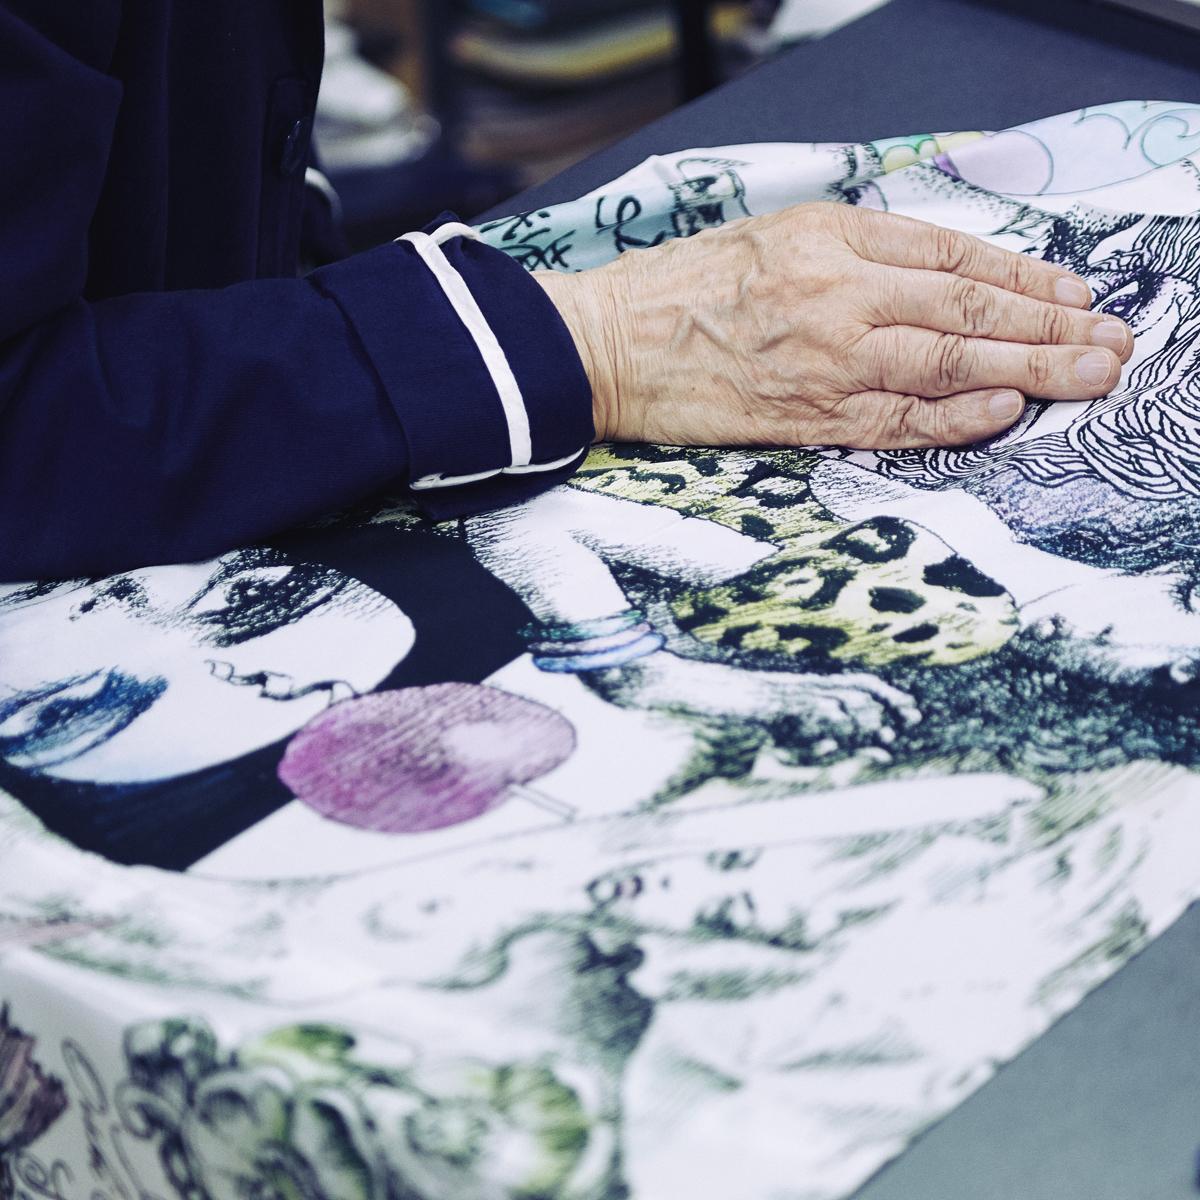 ファッションに興奮を与えるストール|宇野亜喜良、描き下ろしストール第二弾発表